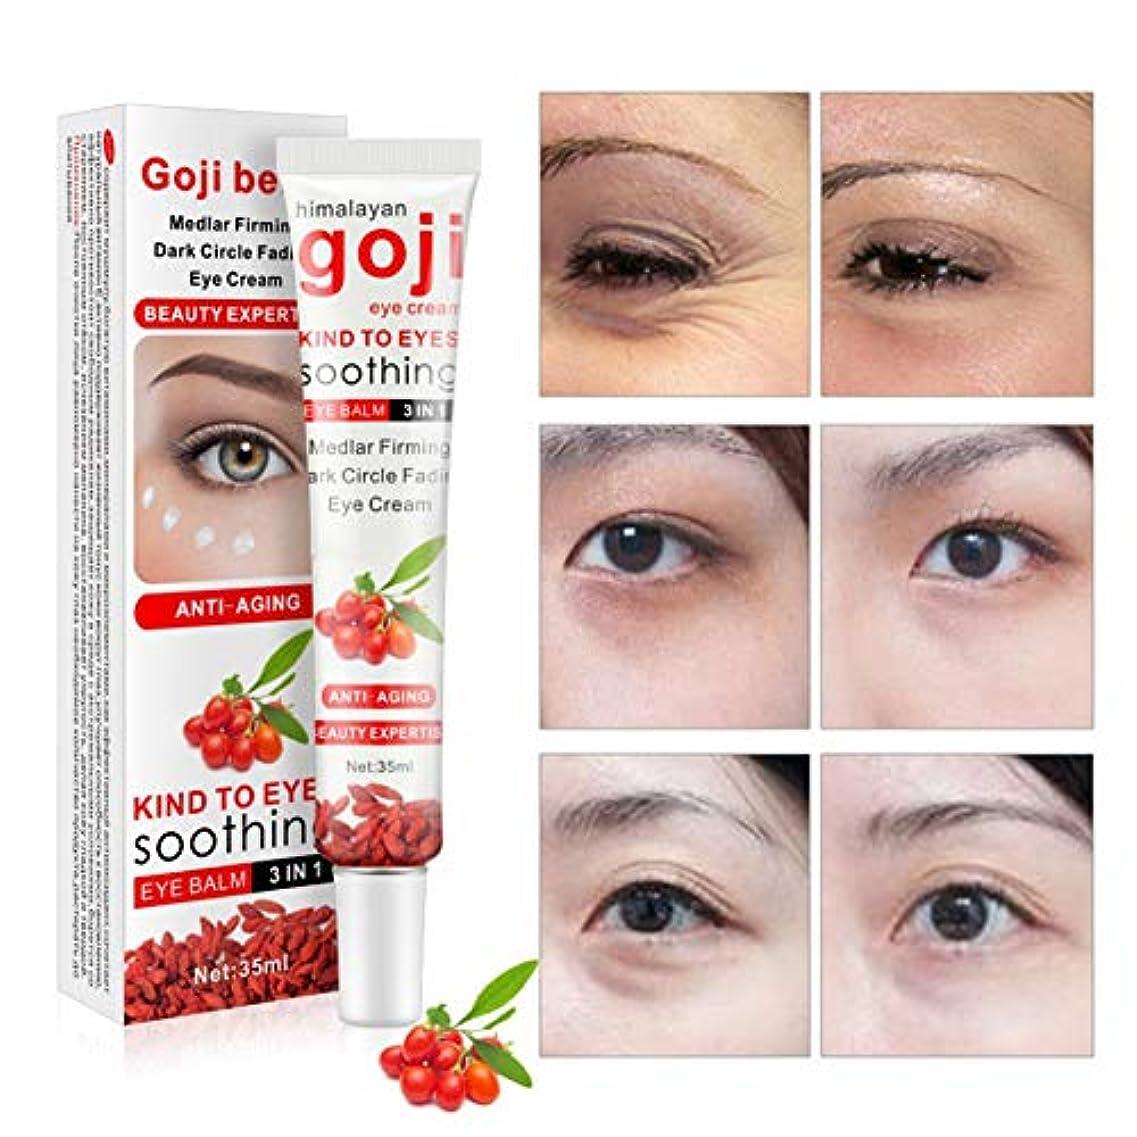 空中ハブブ涙が出るしわ防止アイクリーム、中国のクコの目の皮の更新のクリームの保湿の引き締めの希薄ダークサークルの目袋の希釈クリーム